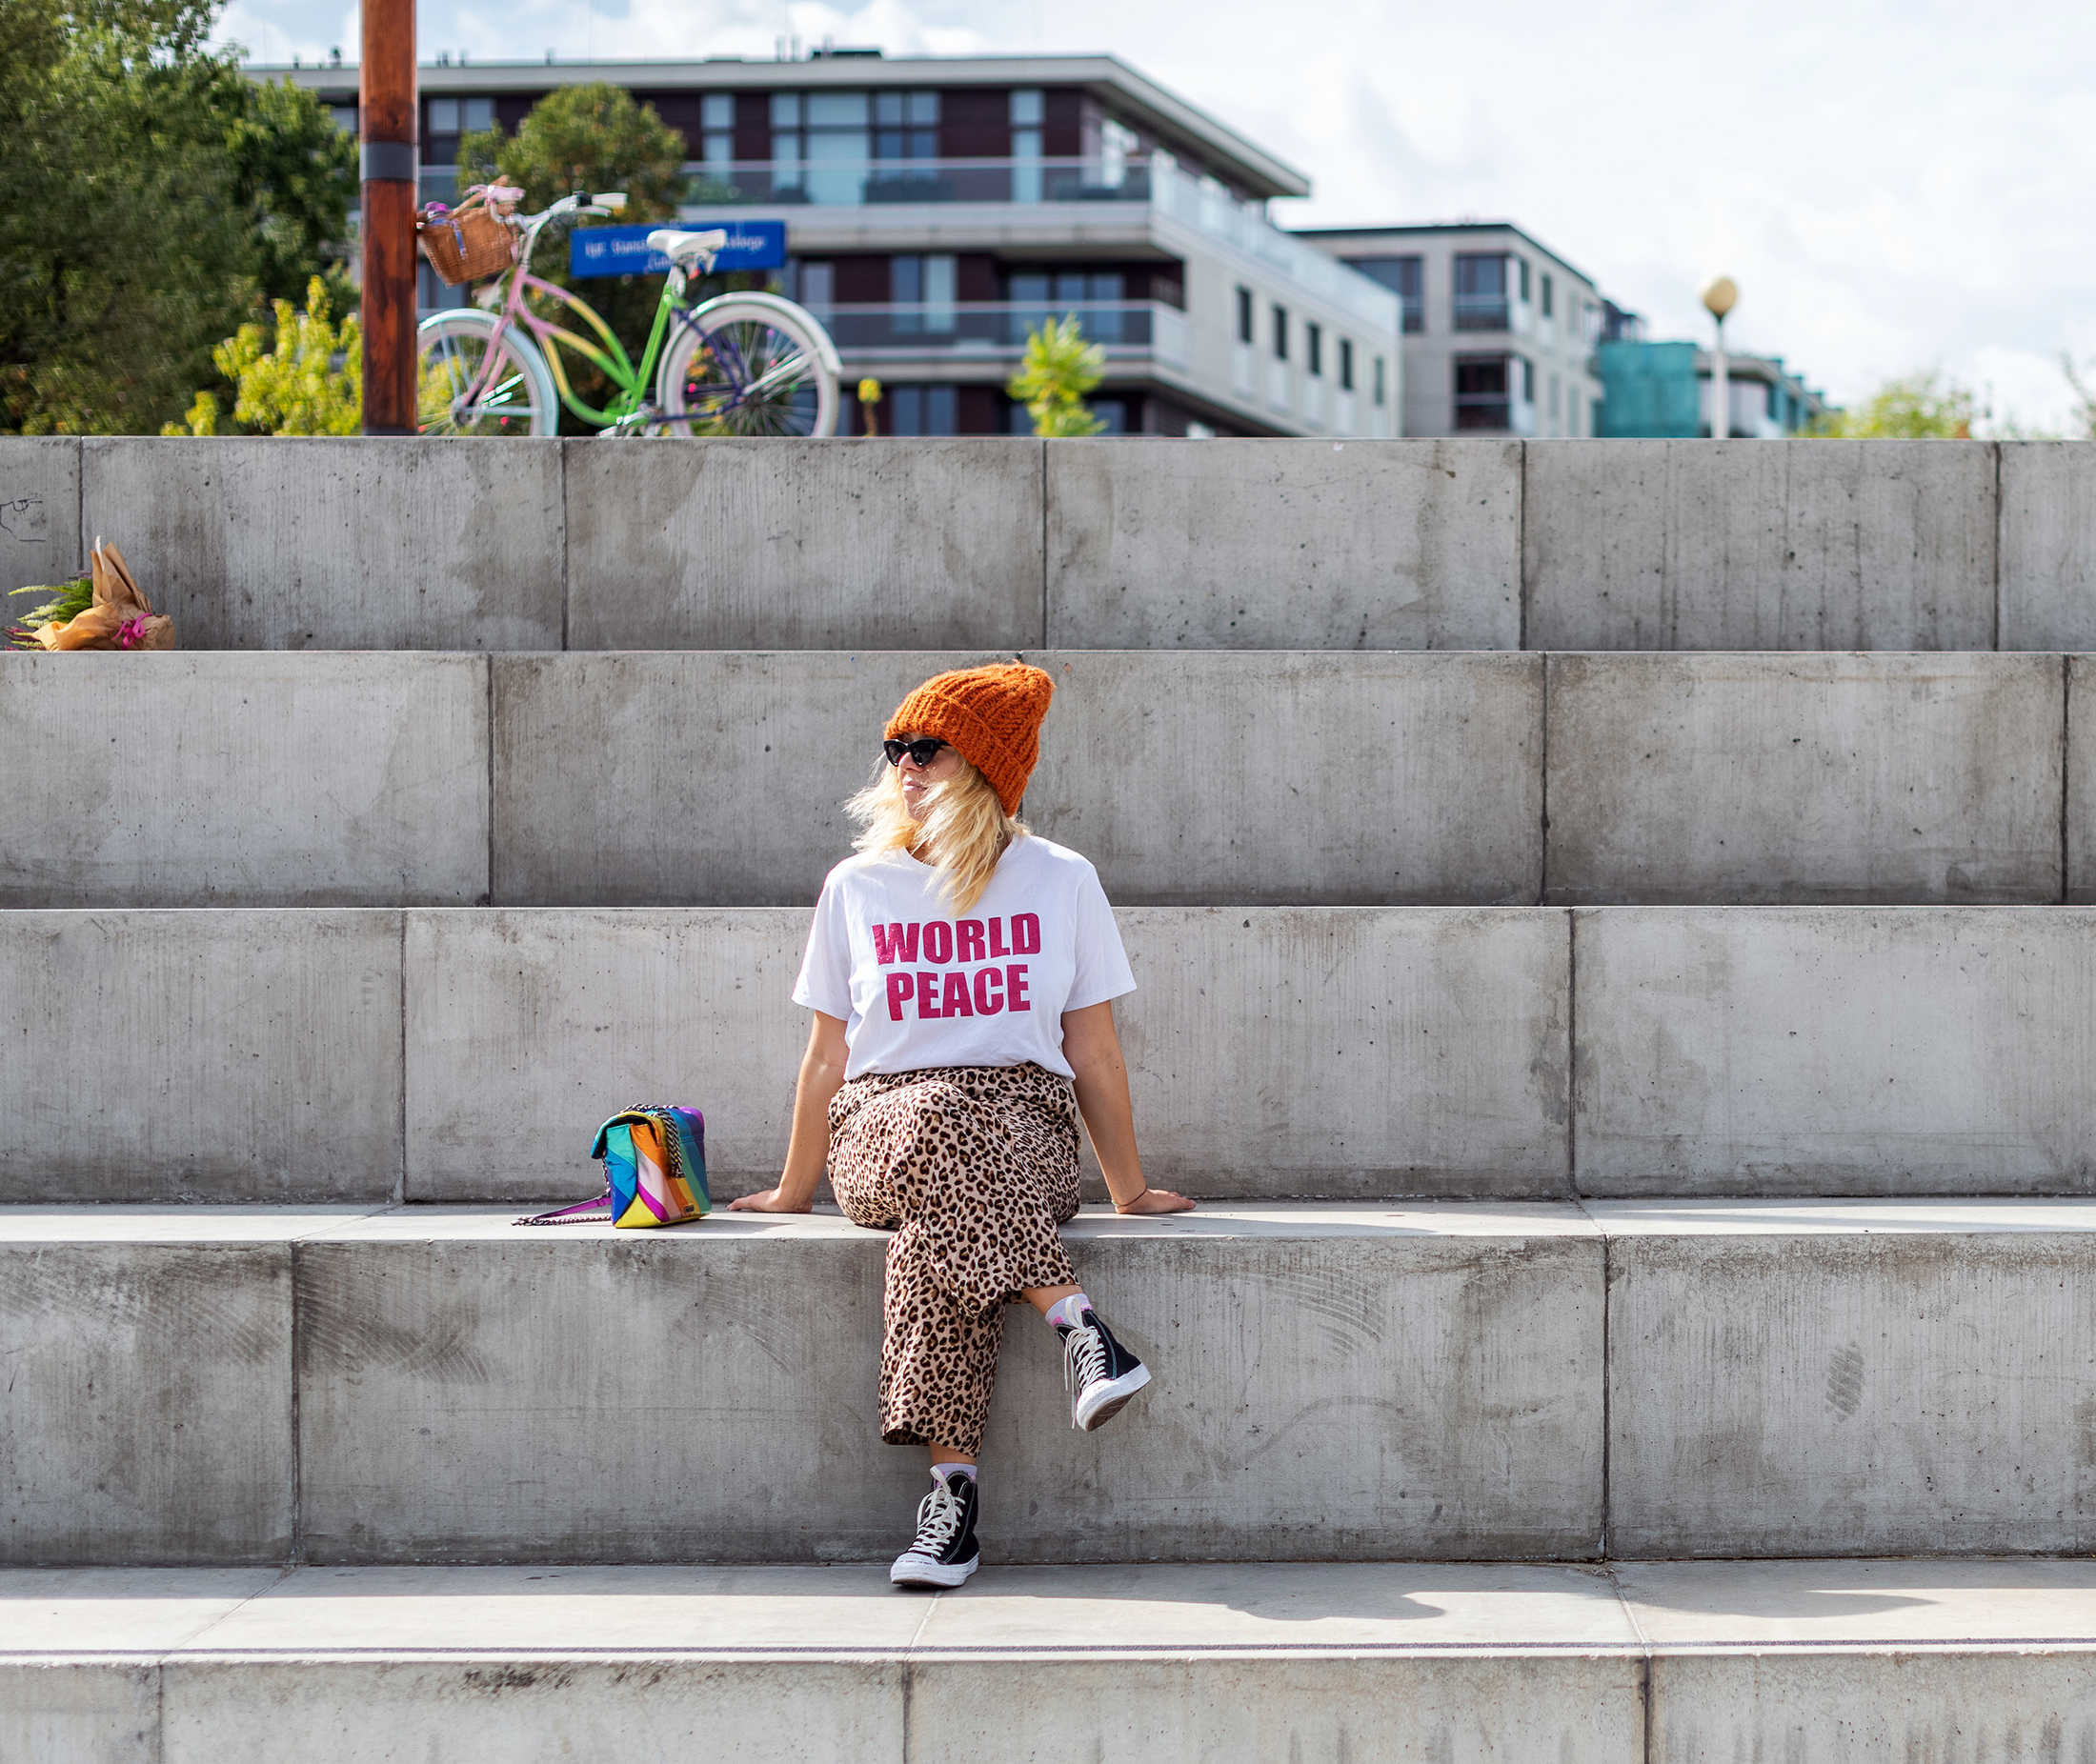 artystyczny fotograf portretowy warszawa